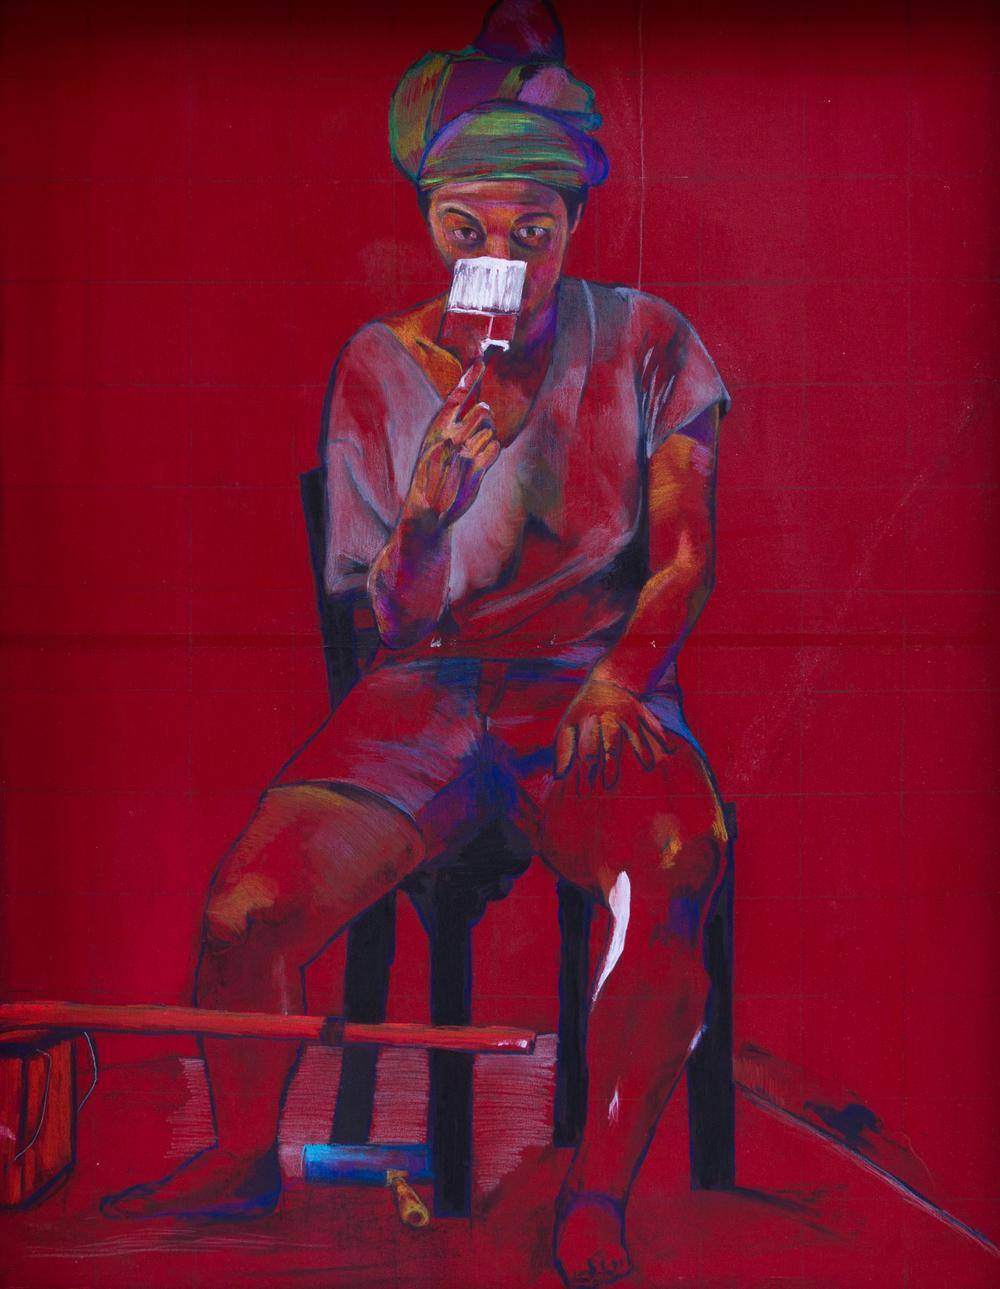 100 x 130 cm  Acrílico y lápices sobre madera.  2013